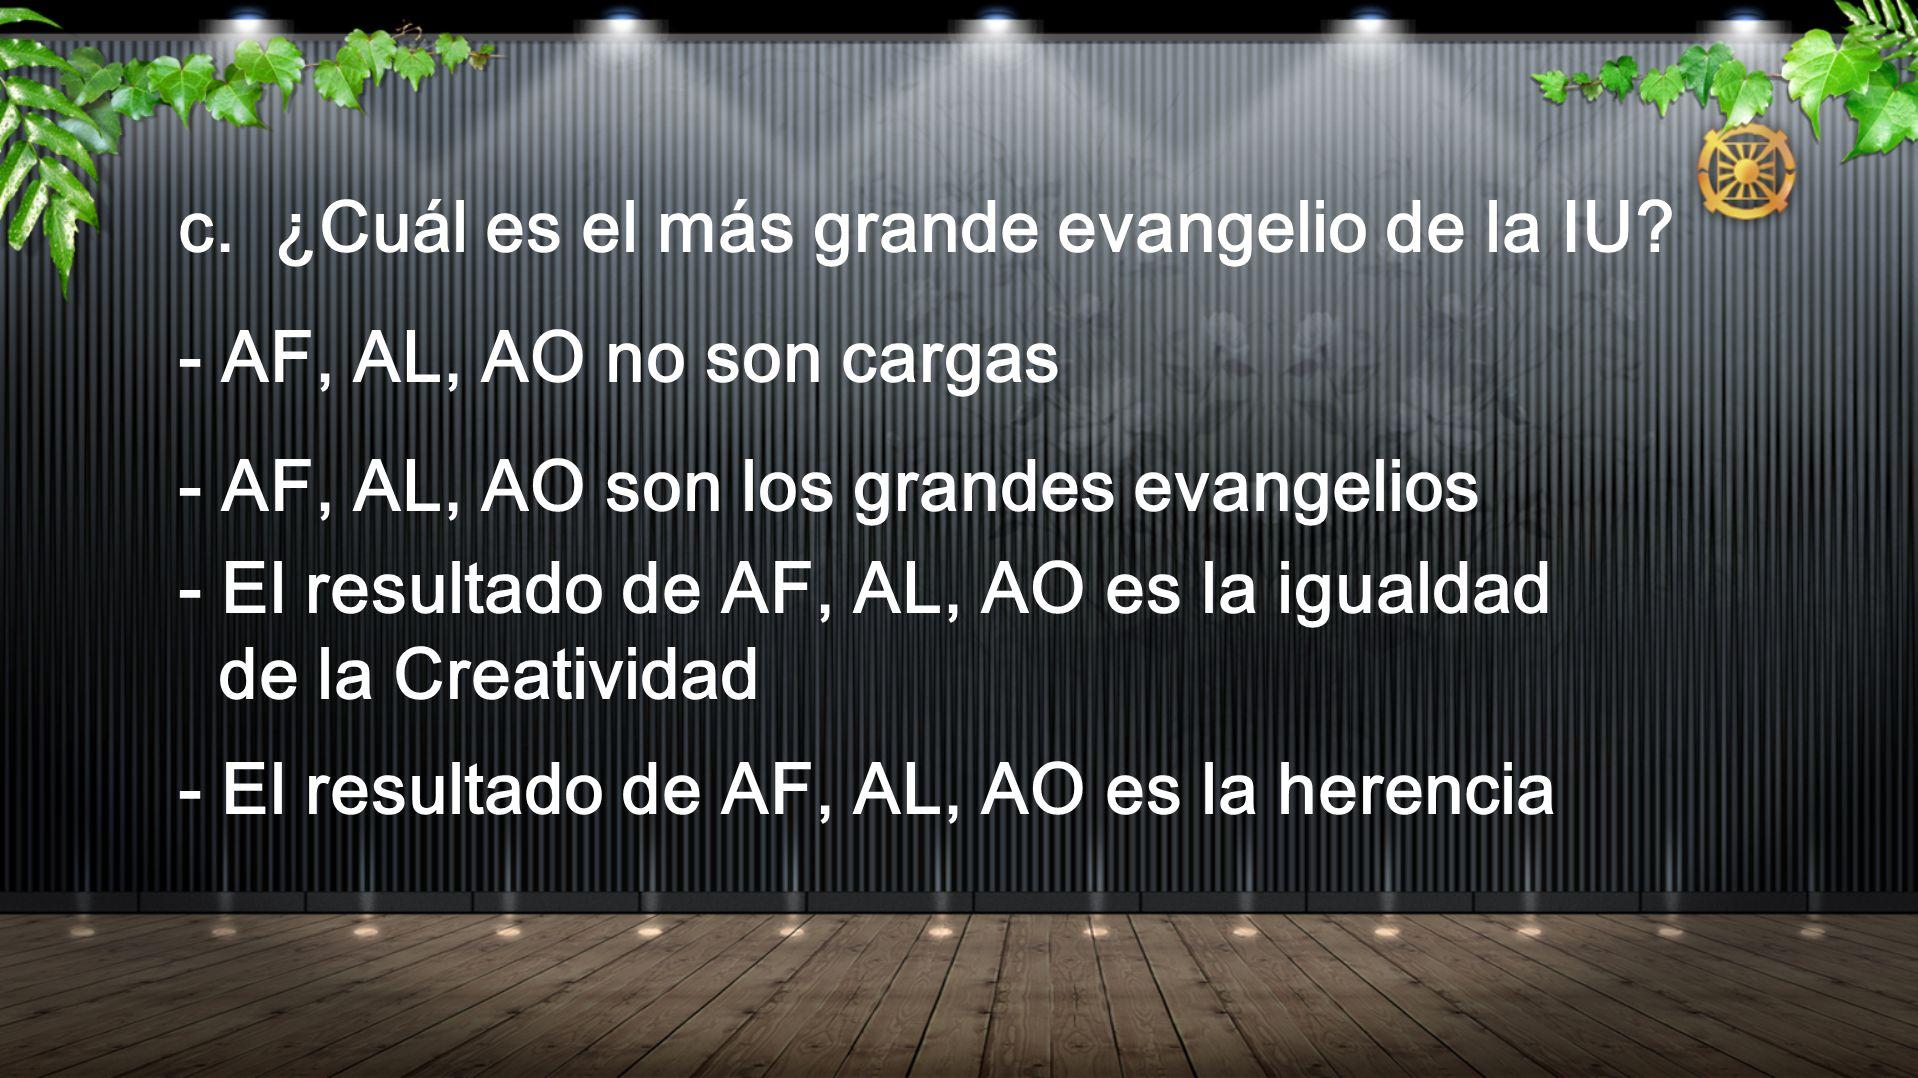 c. ¿Cuál es el más grande evangelio de la IU